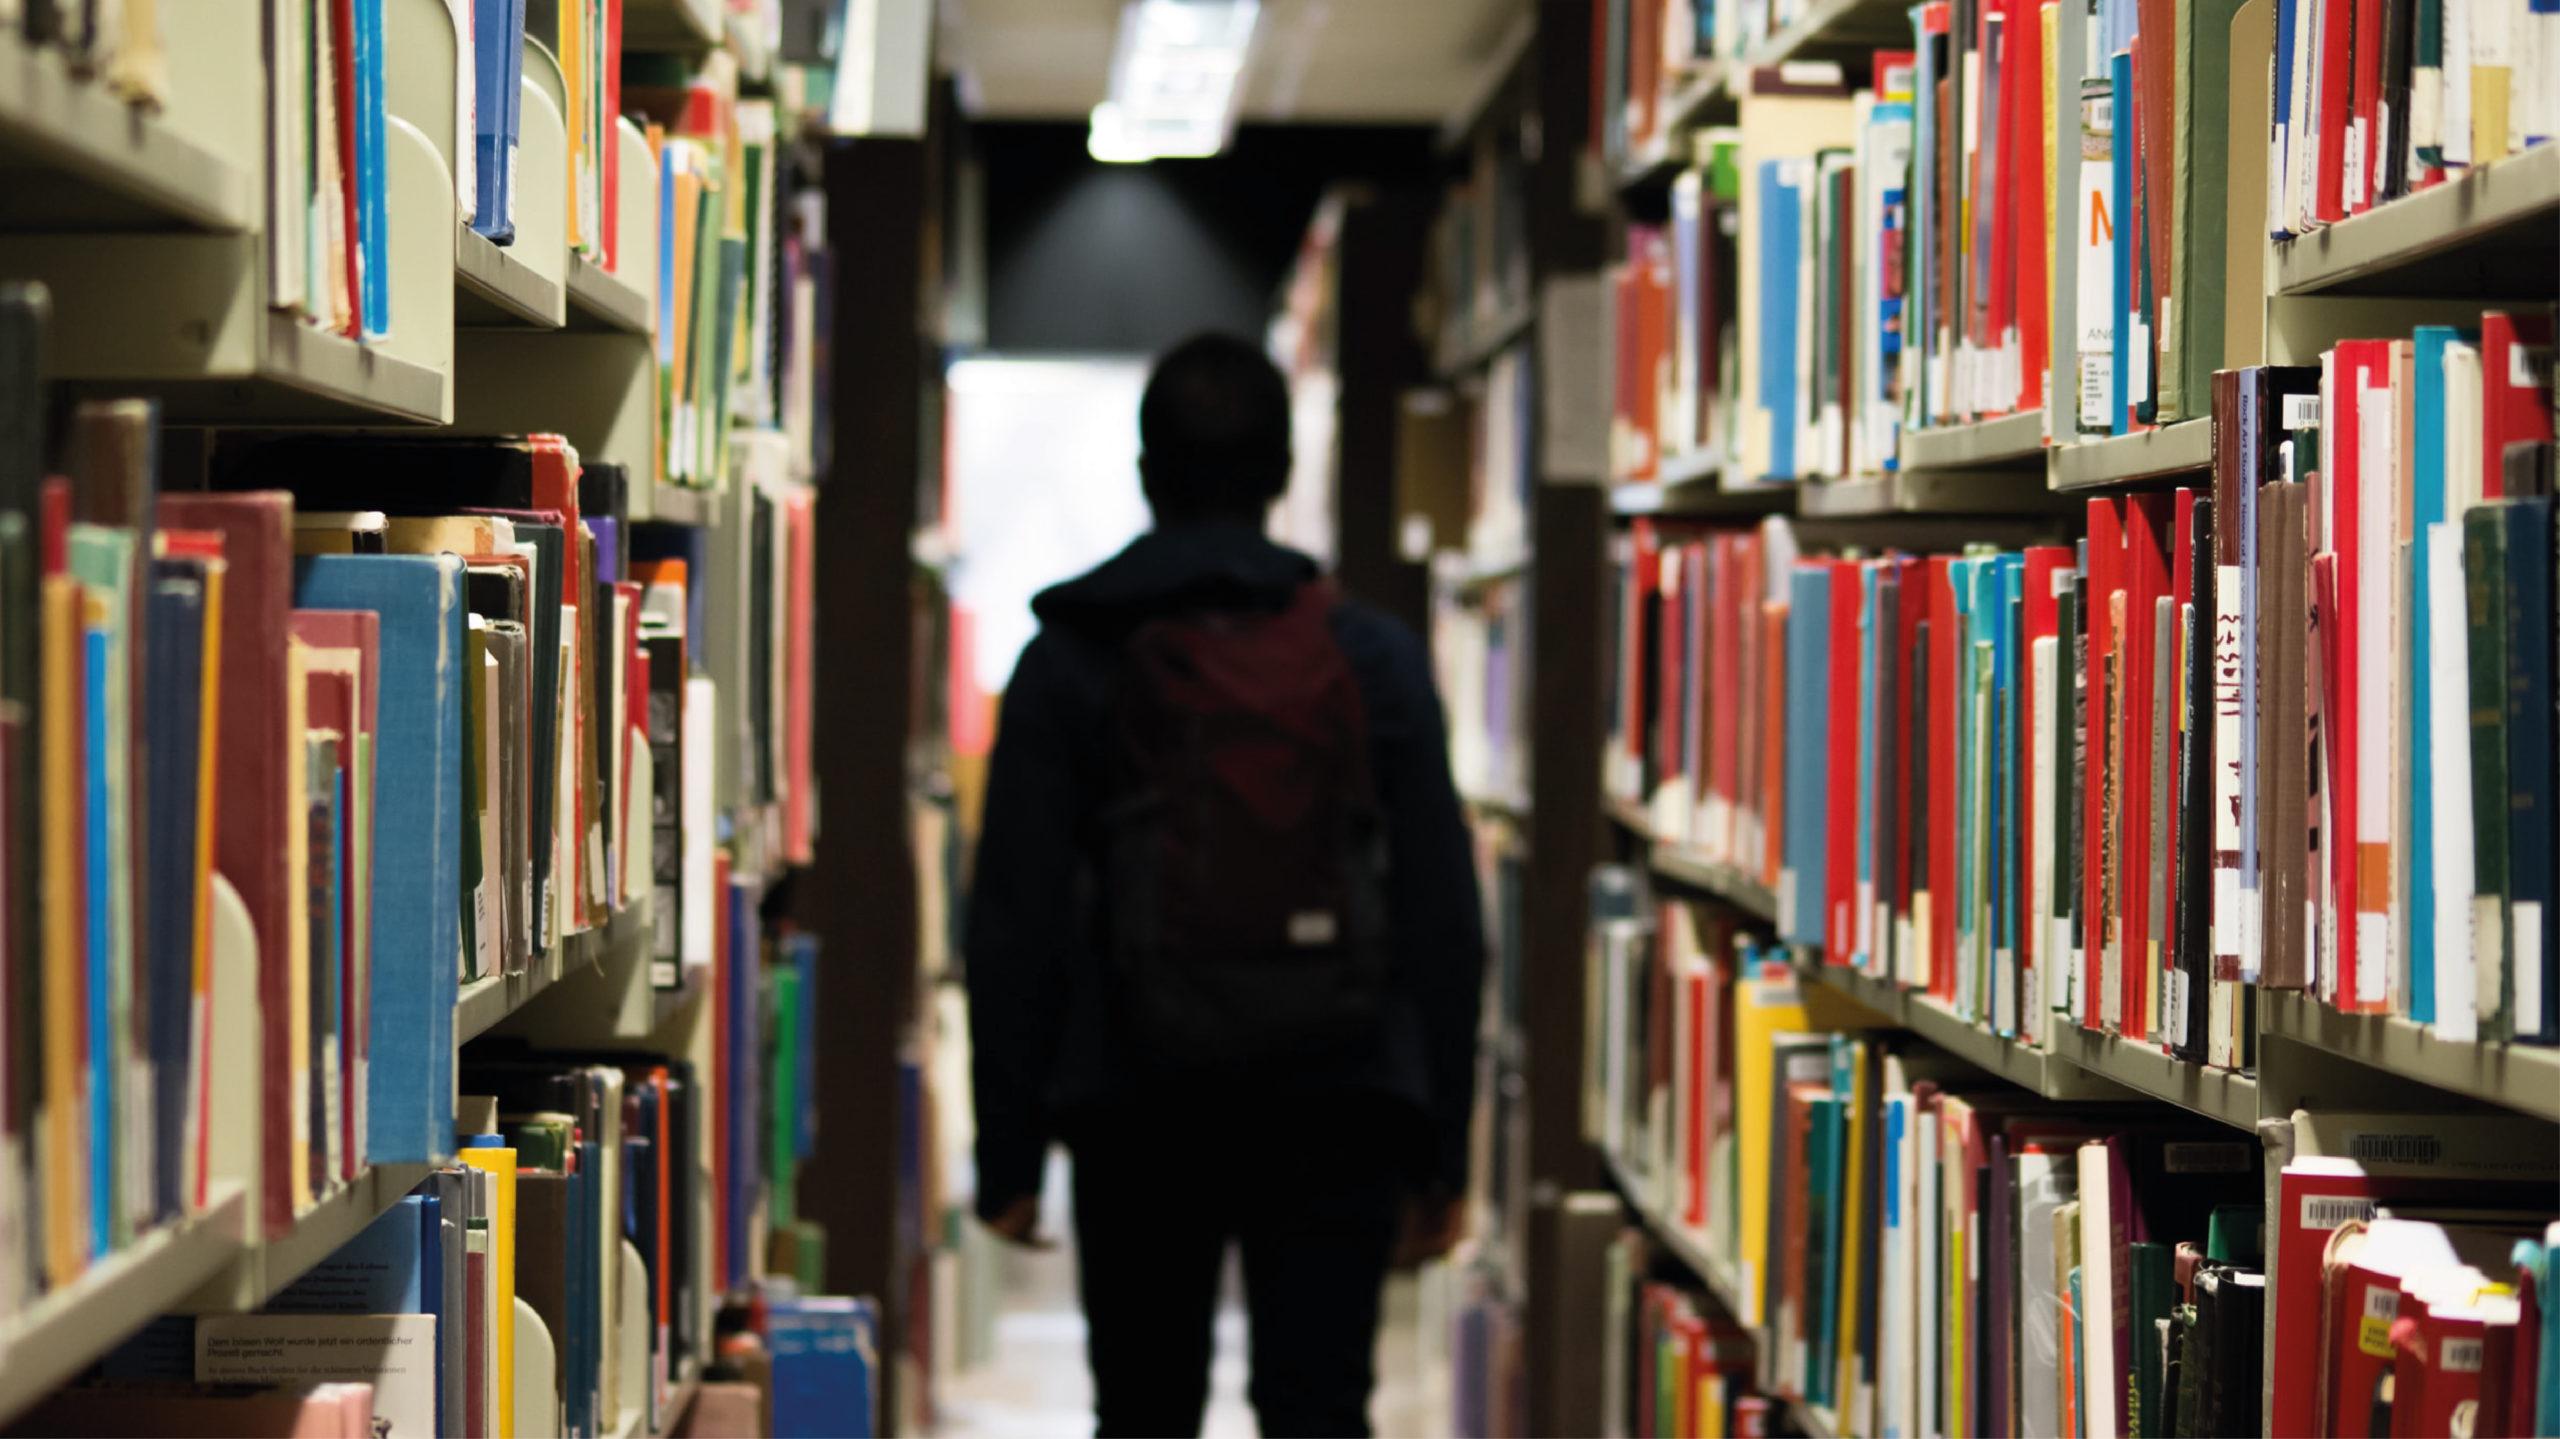 Estudiantes internacionales entran a universidades de EU, pero batallan por su visa